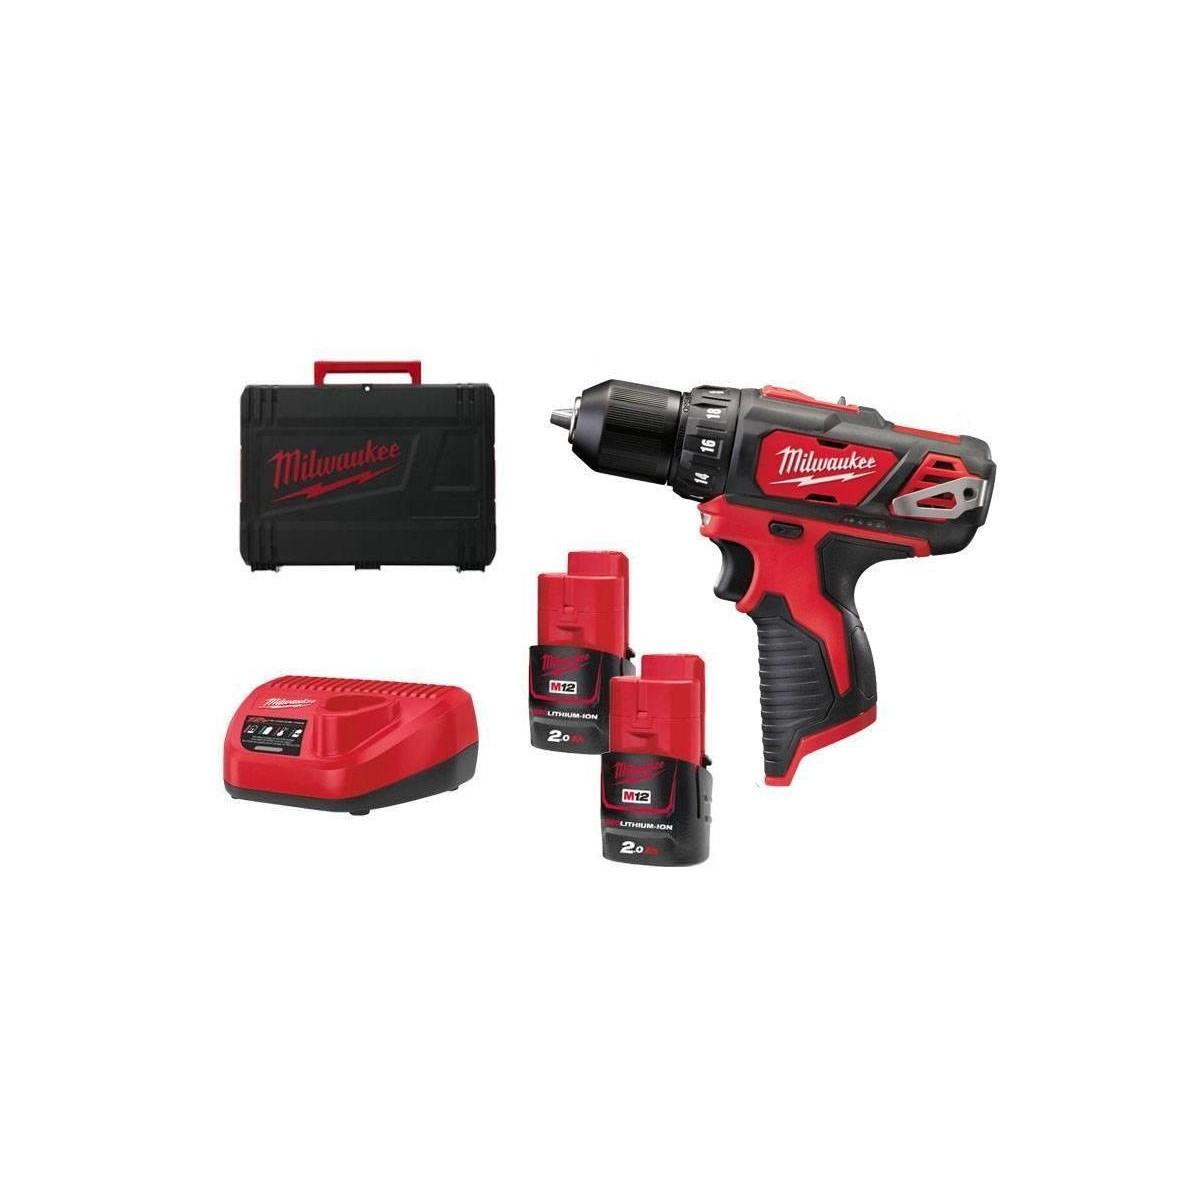 Milwaukee  cordless Drill/Driver M12 BDD-202C 2x2.0Ah 4933441915